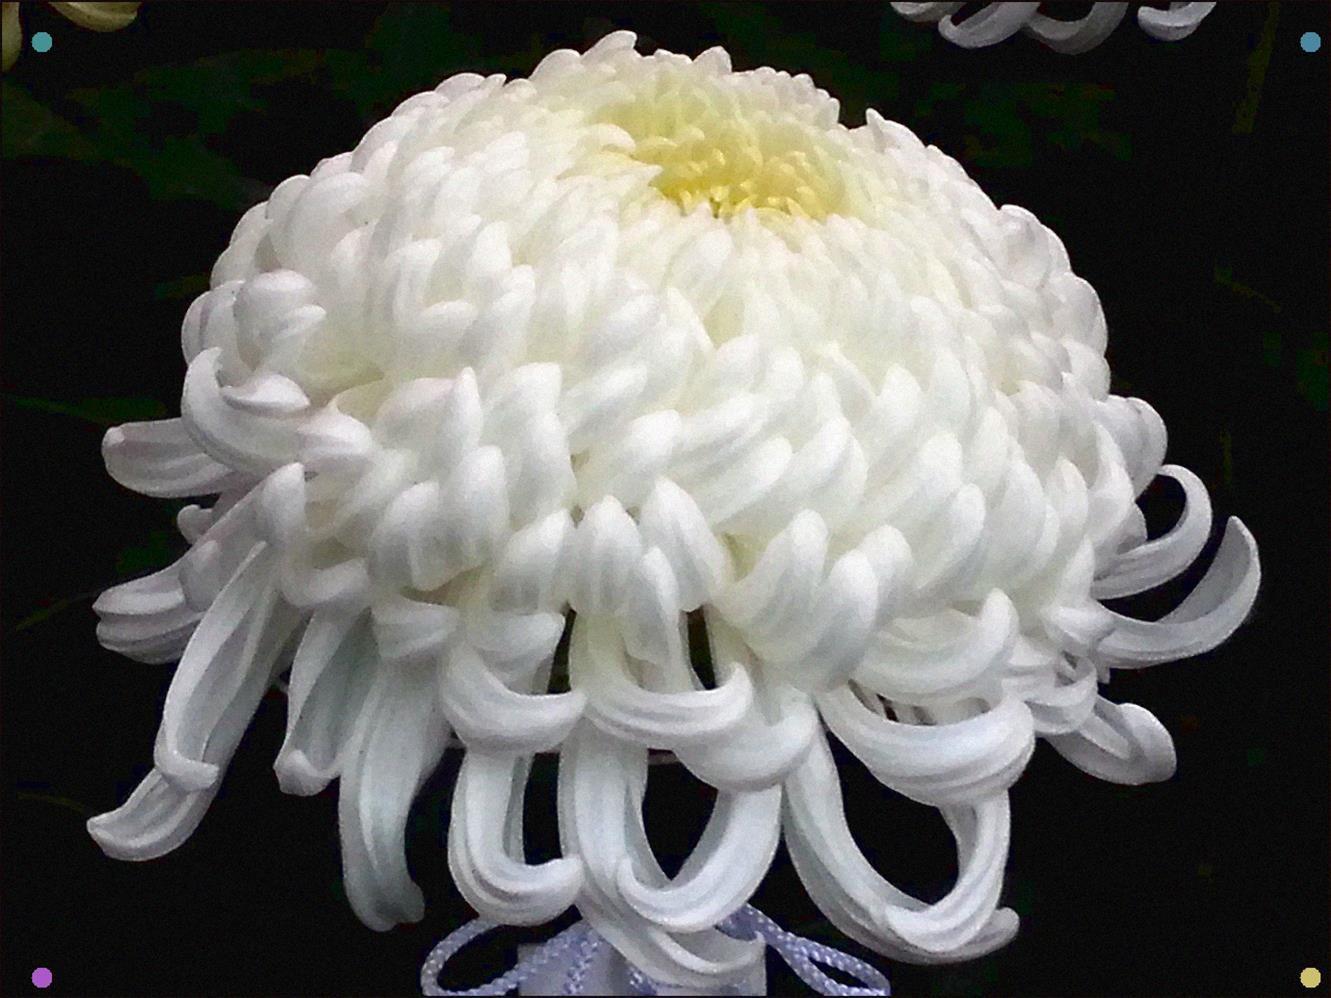 Chrysanthemum 2014 shinjuku gyoen chrysanthemum flowers